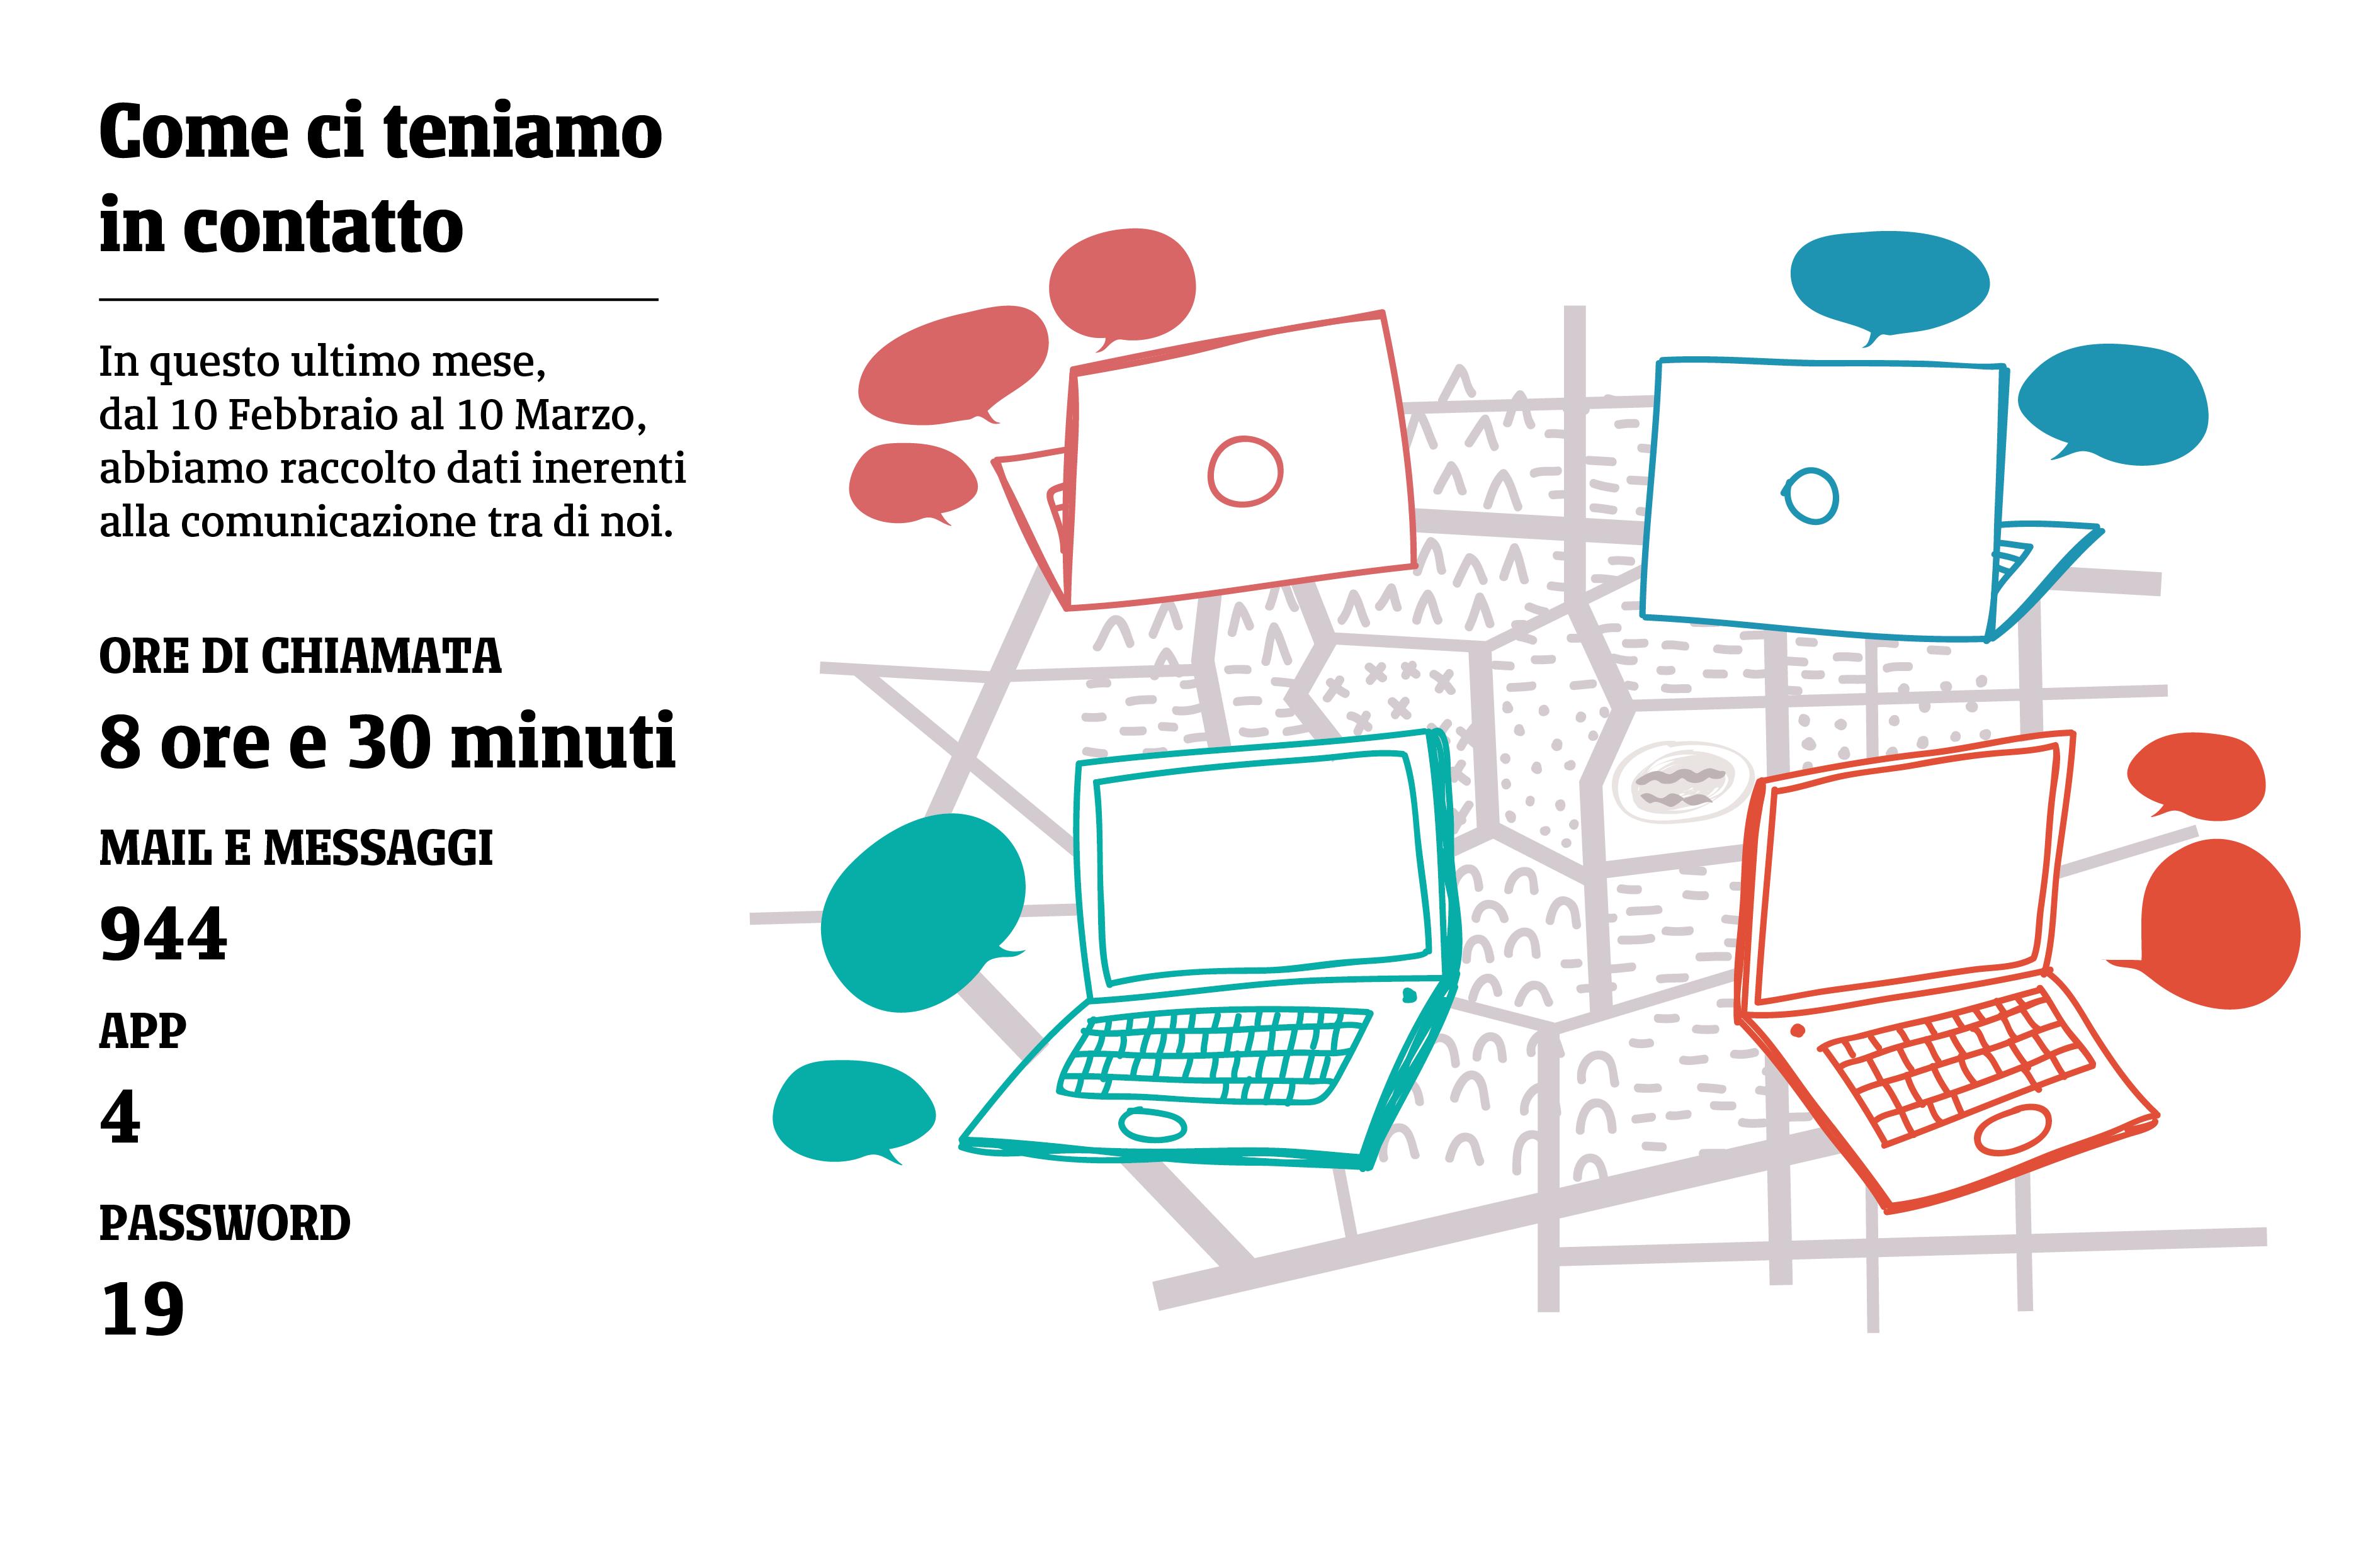 Illustrazione di computer che comunicano tra loro. Rappresentazione degli strumenti che i soci di Alpaca utilizzano per comunicare